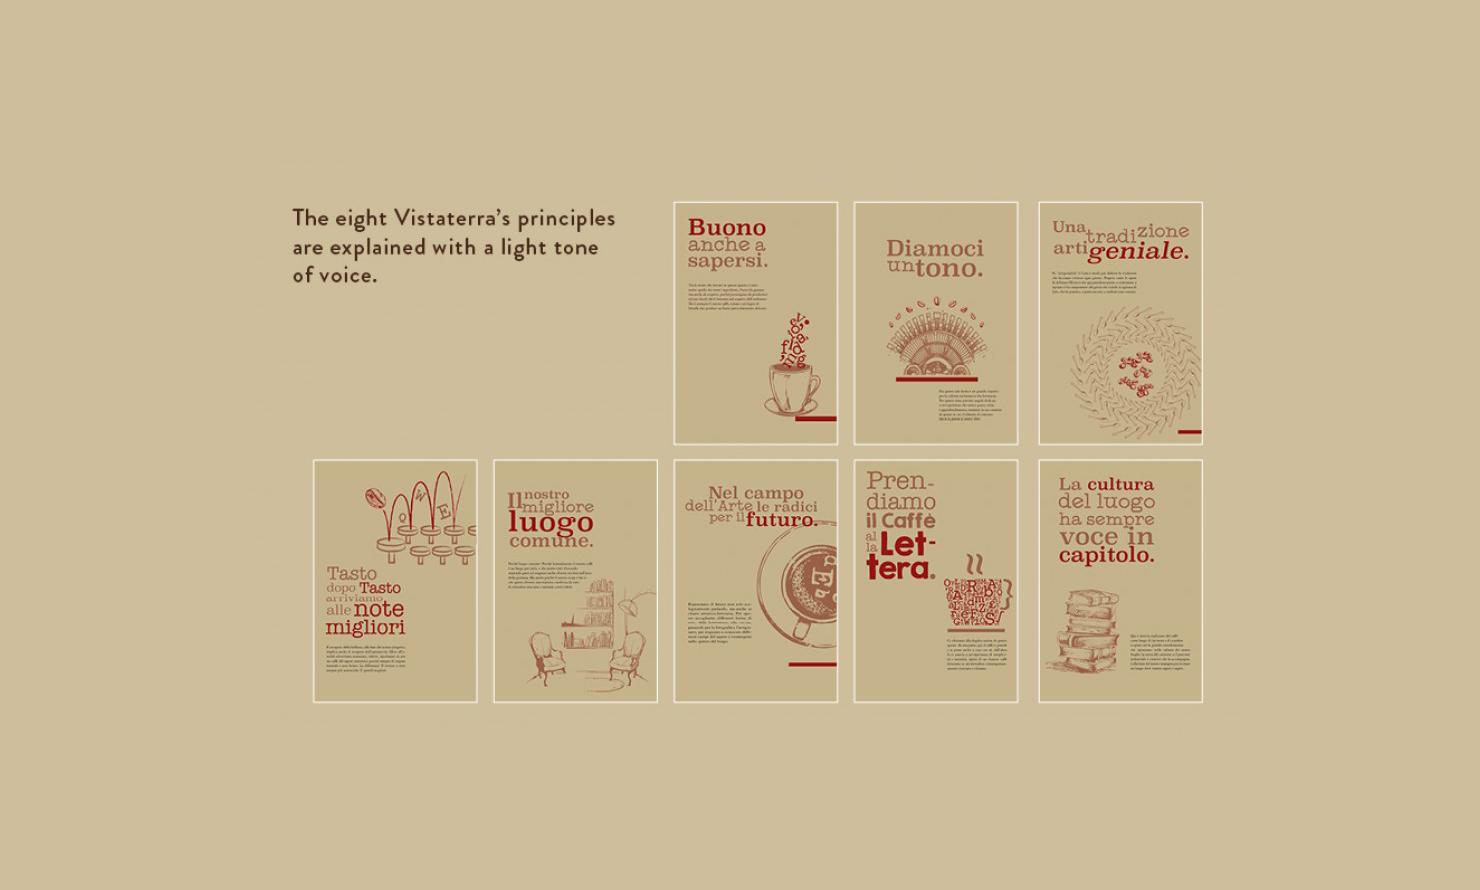 https://www.kubelibre.com/uploads/Slider-work-tutti-clienti/manital-vistaterra-caffè-alla-lettera-la-caffetteria-di-vistaterra-4.jpg